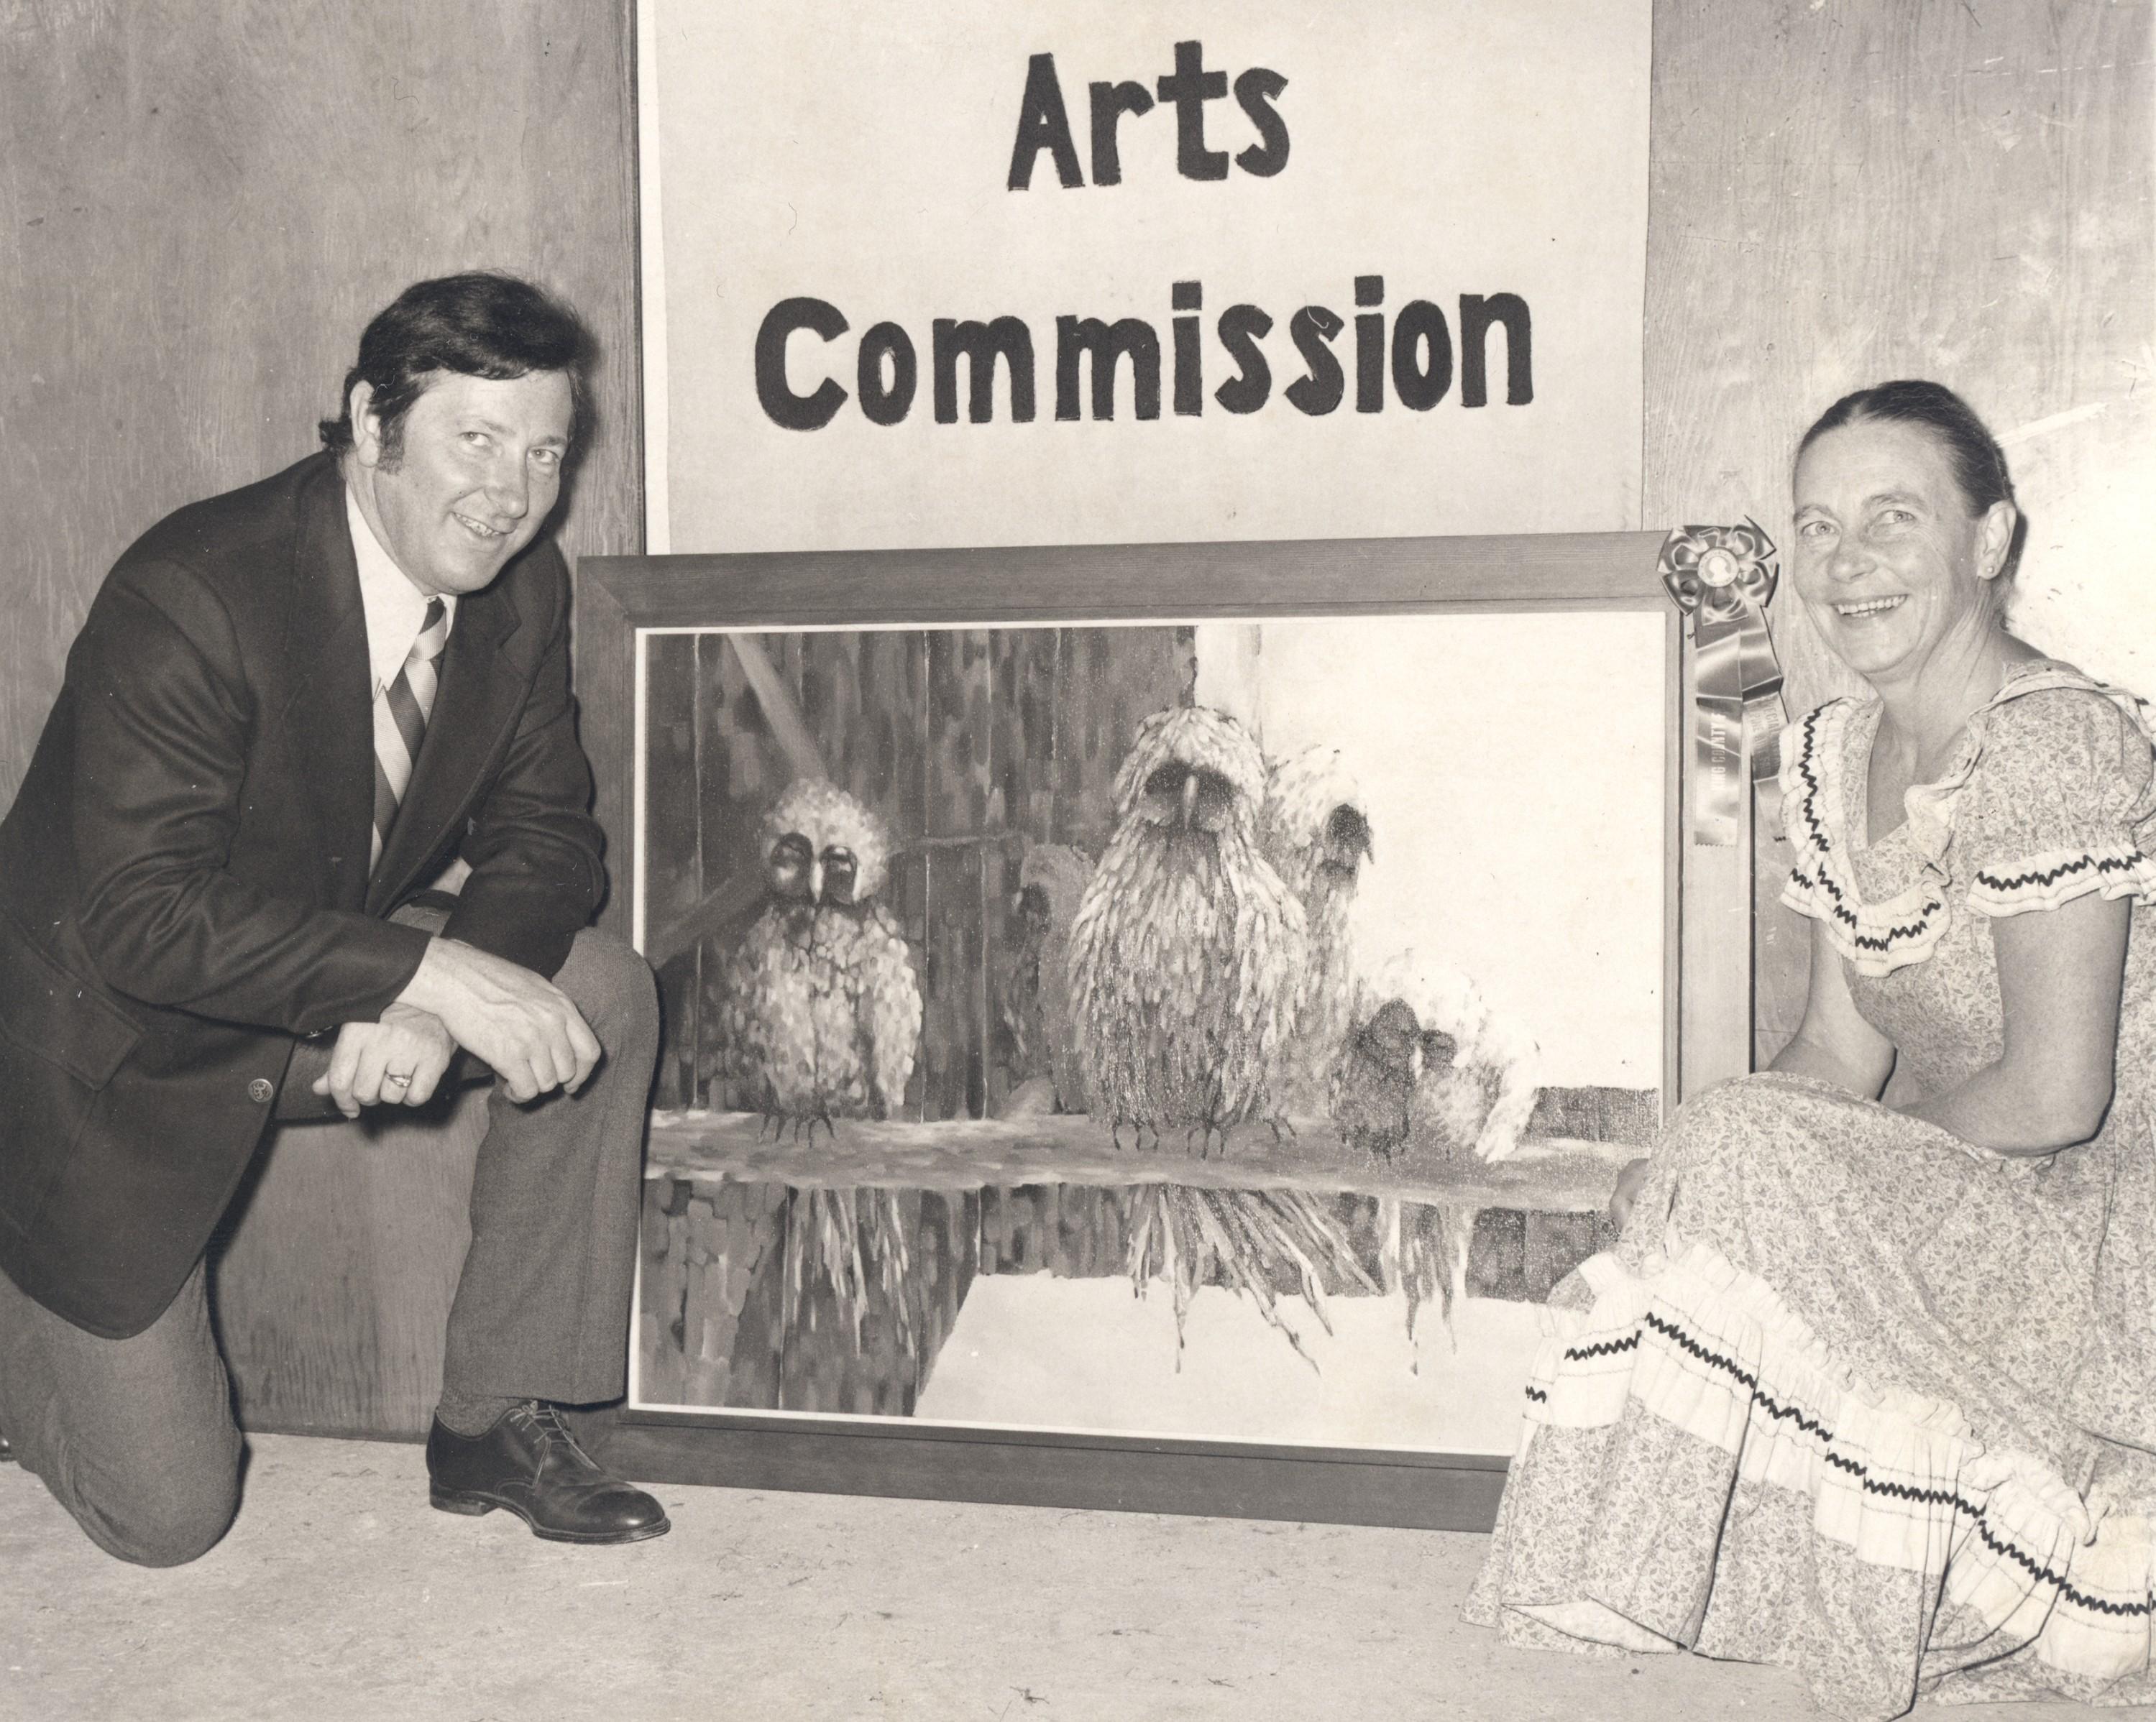 413-2-414_ArtsCommission1969_92.0.0219